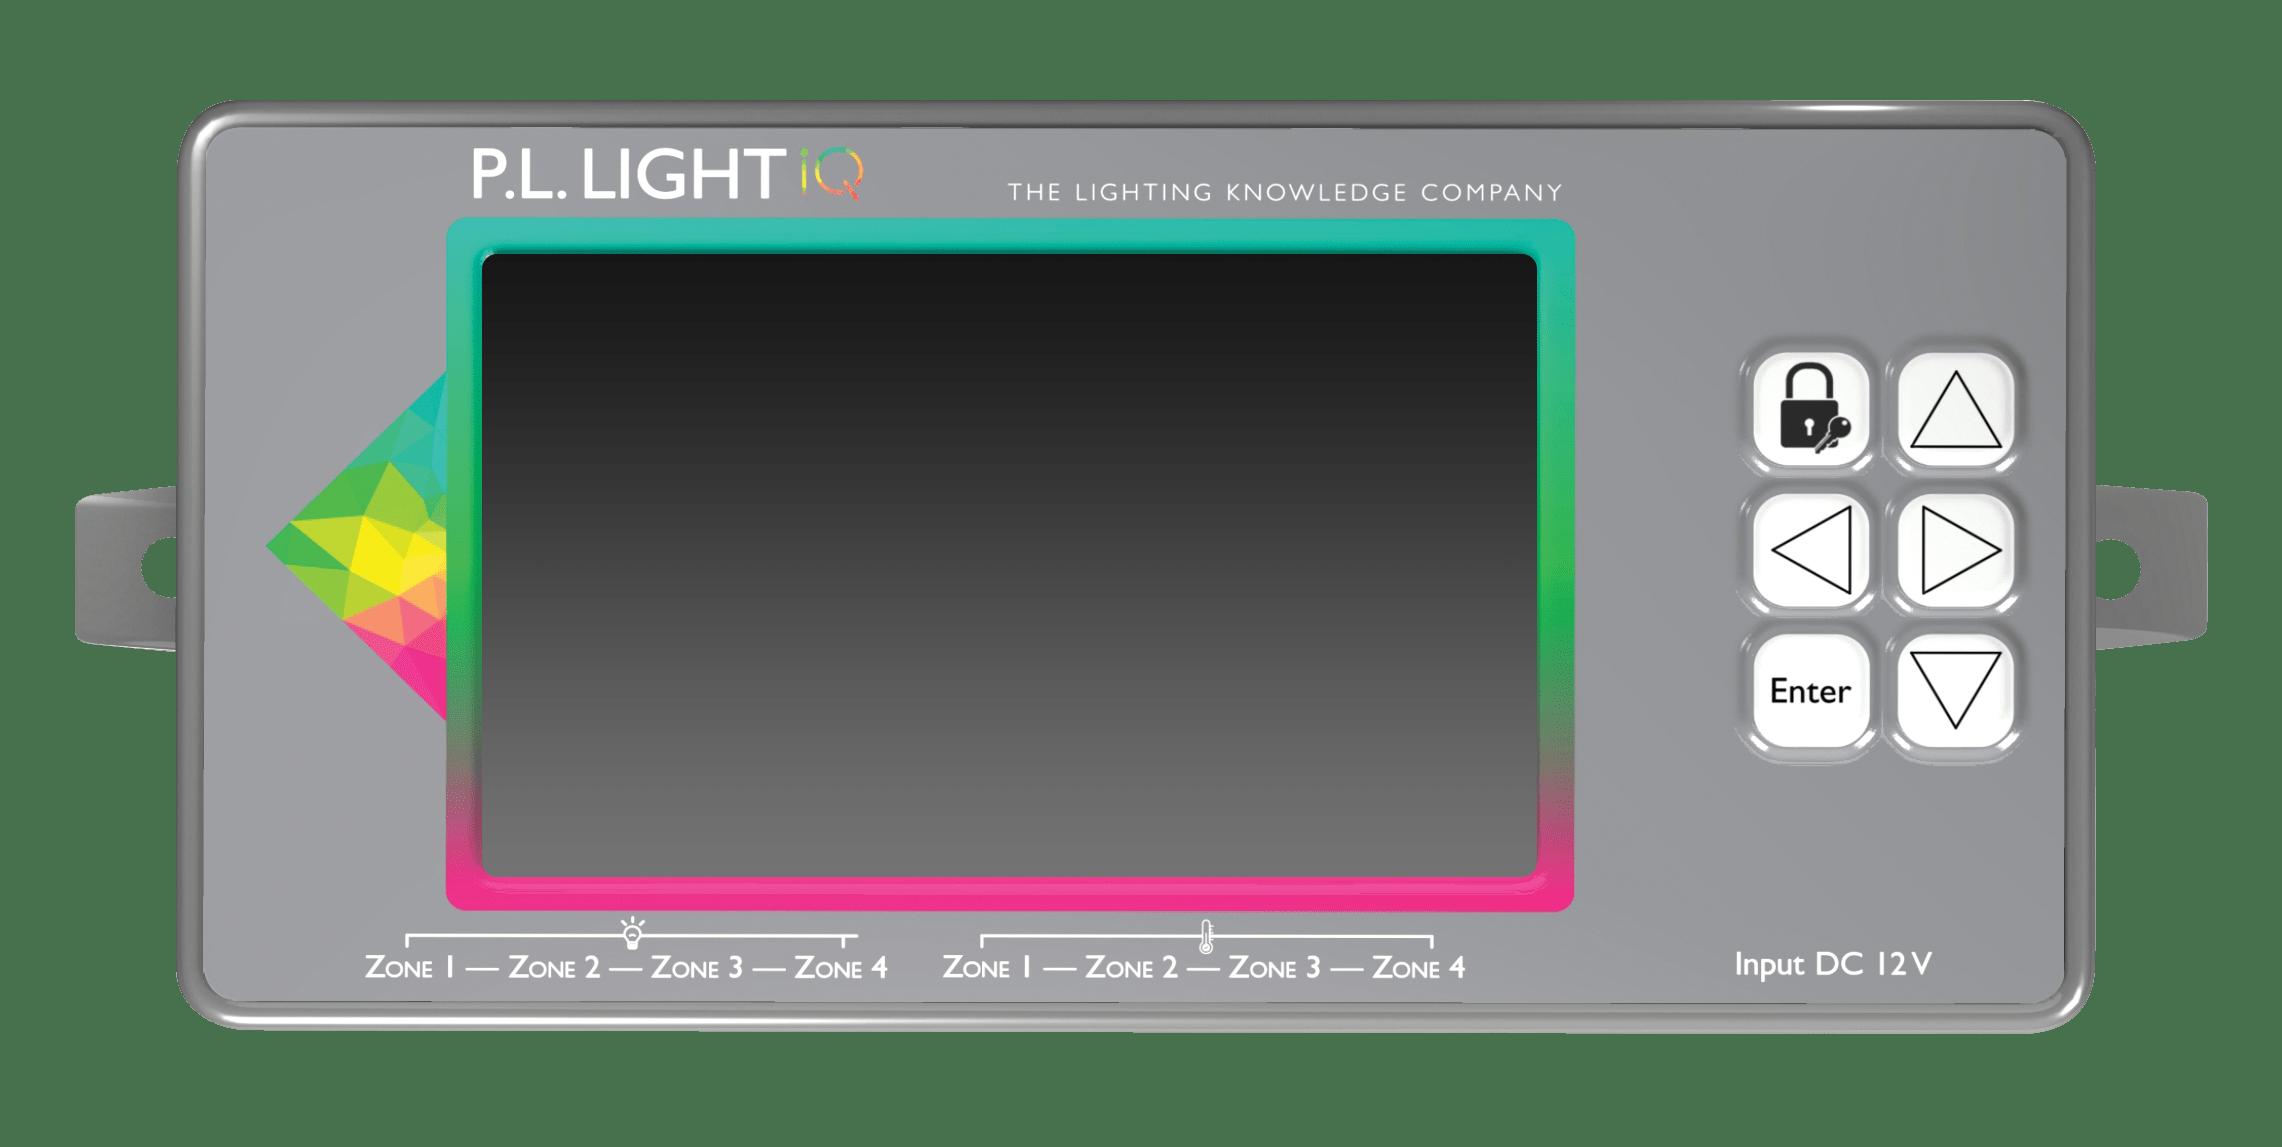 P.L. Light iQ - blank screen